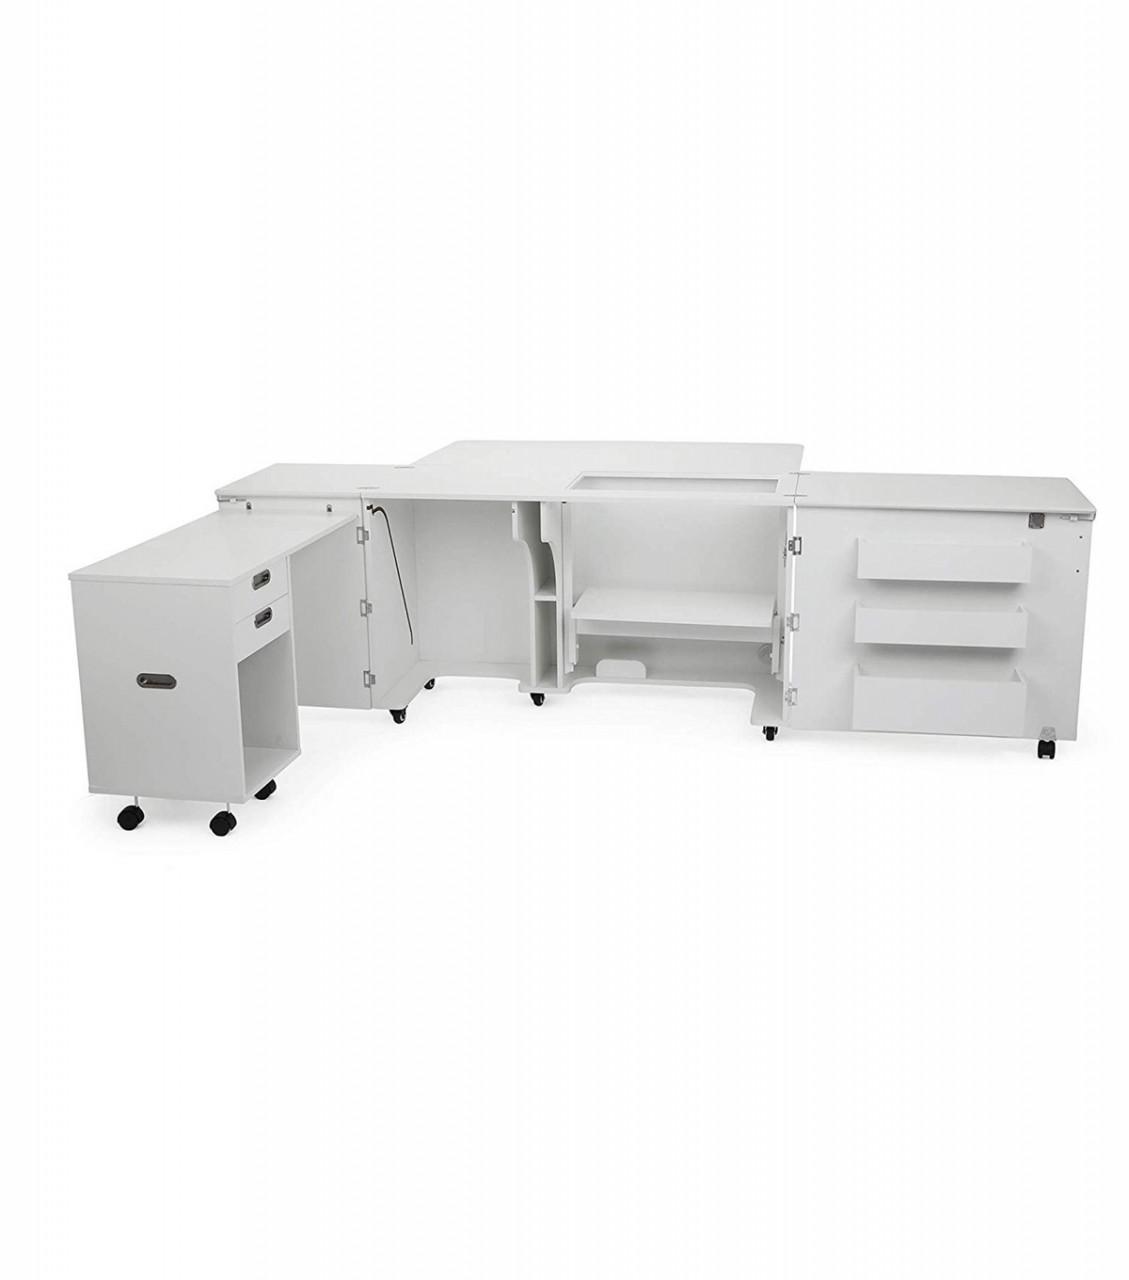 Kangaroo Kabinet Aussie White Sewing Cabinet